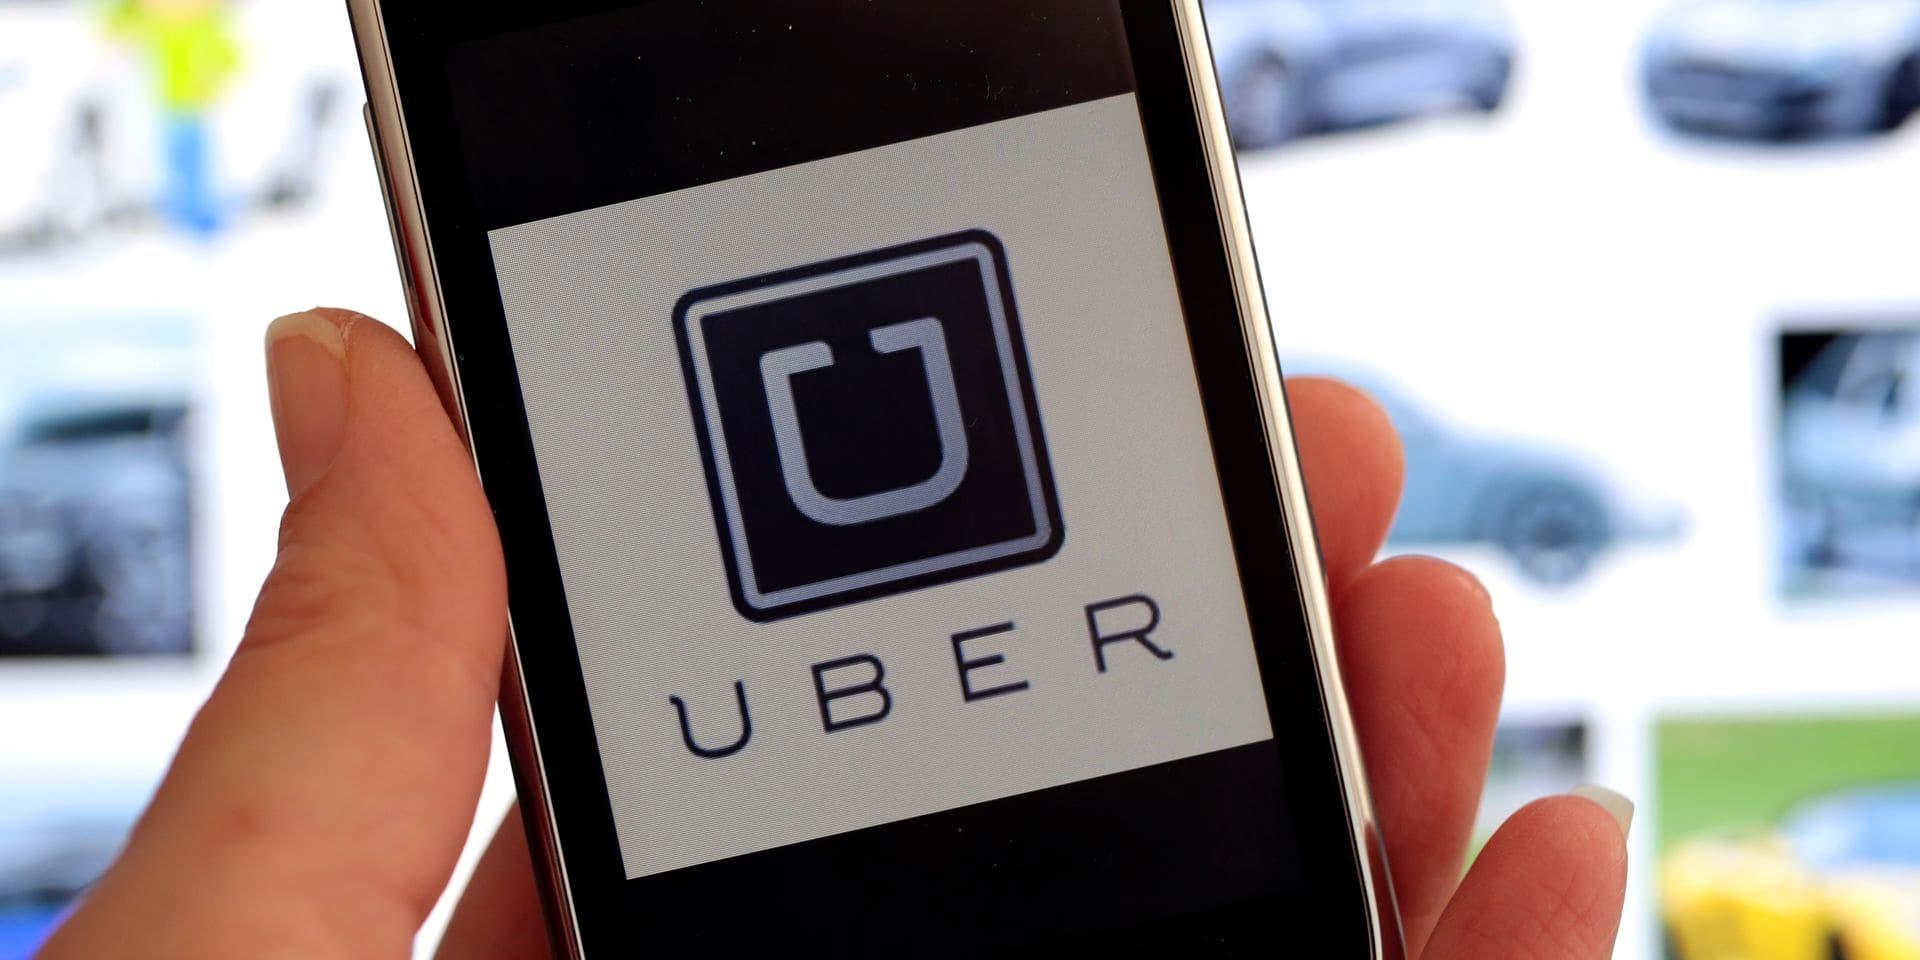 Uber perd plus de 5 milliards de dollars au deuxième trimestre et chute en Bourse